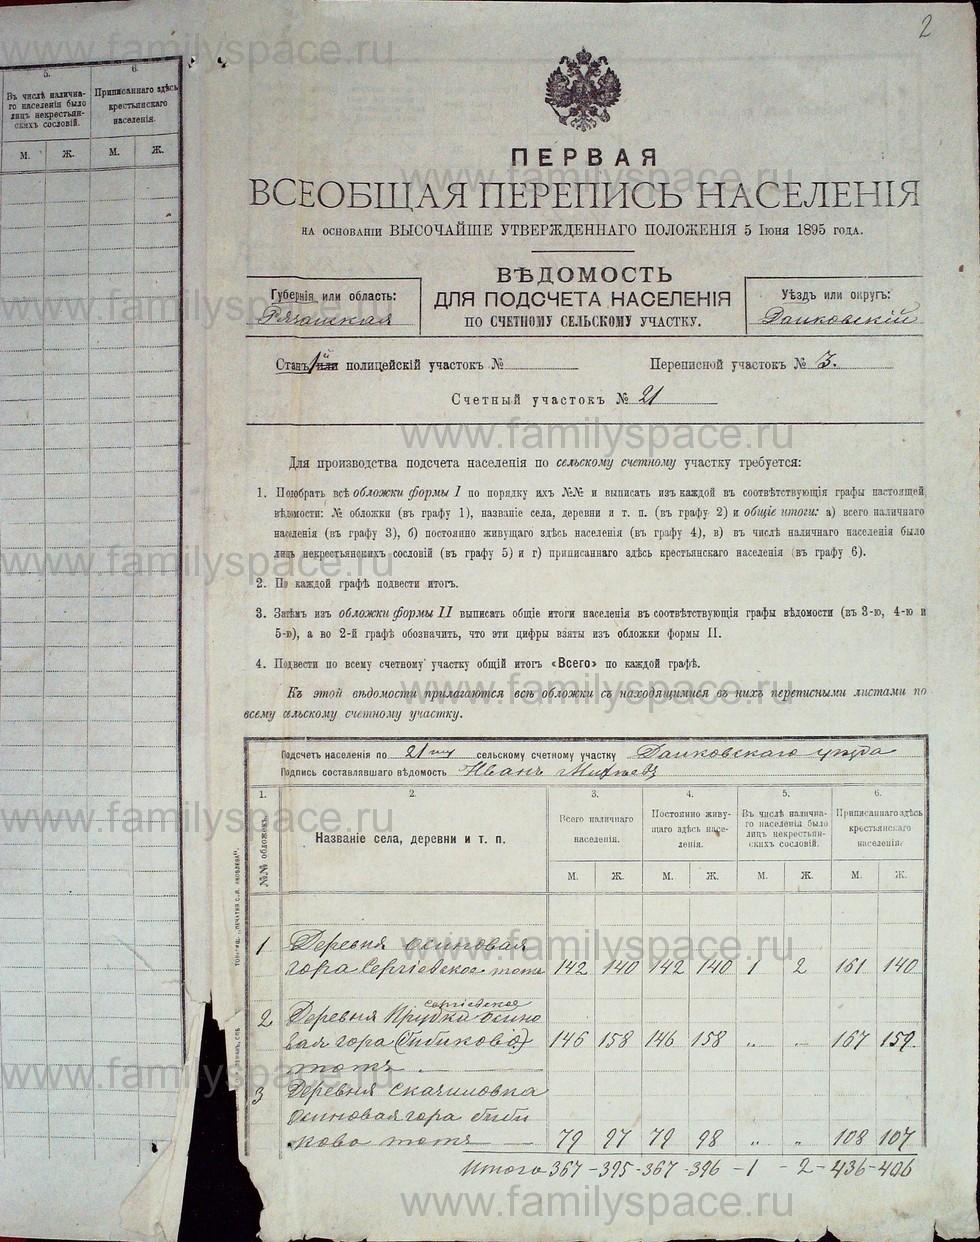 Поиск по фамилии - Первая всеобщая перепись населения Российской империи 1897 года, Рязанская губерния, Данковский уезд, страница 1